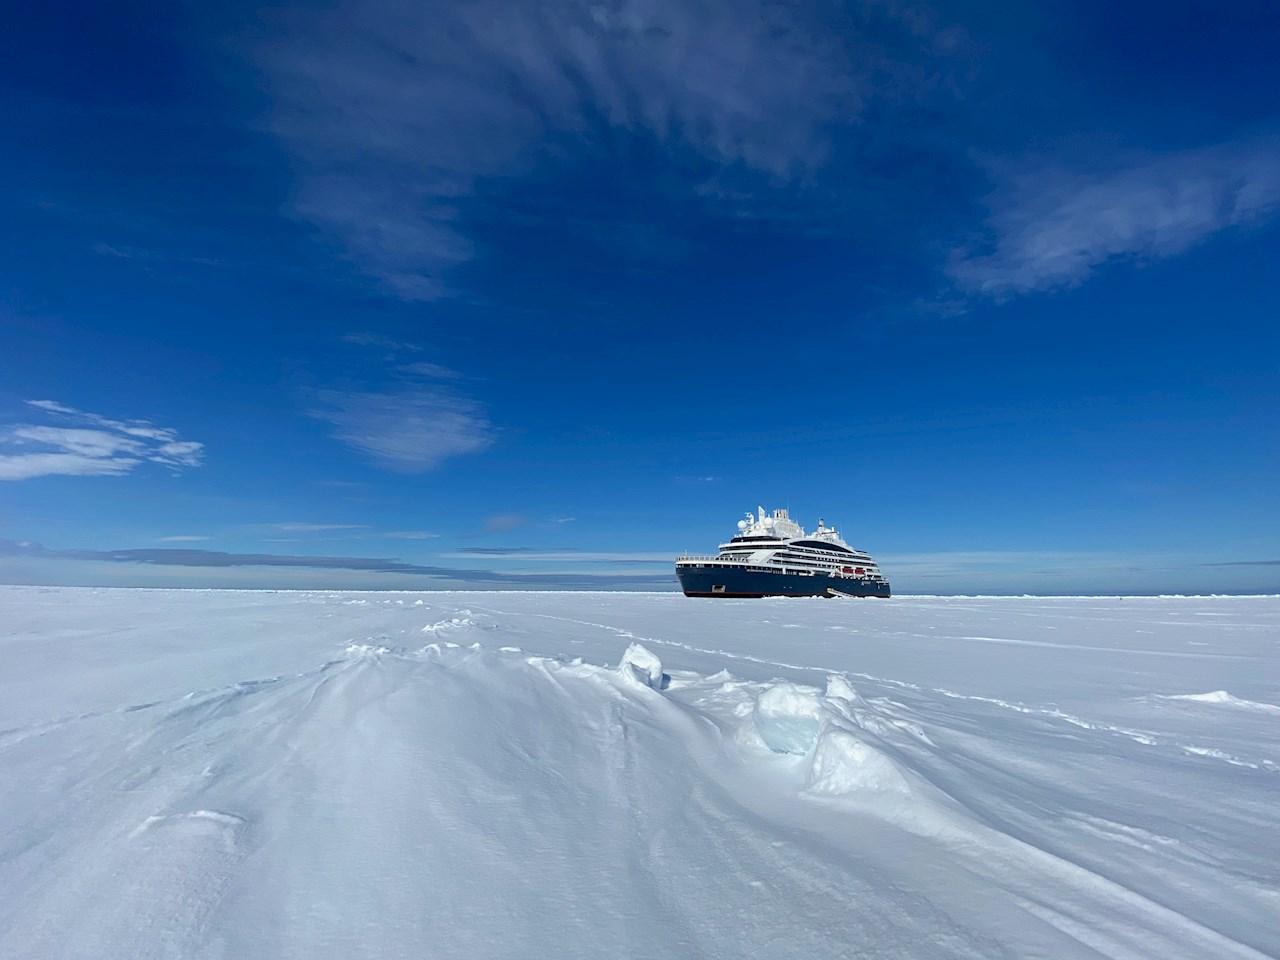 """L'esploratore polare """"Le Commandant Charcot"""" in viaggio tra i ghiacci (Immagine ©PONANT-Nicolas Dubreuil)."""